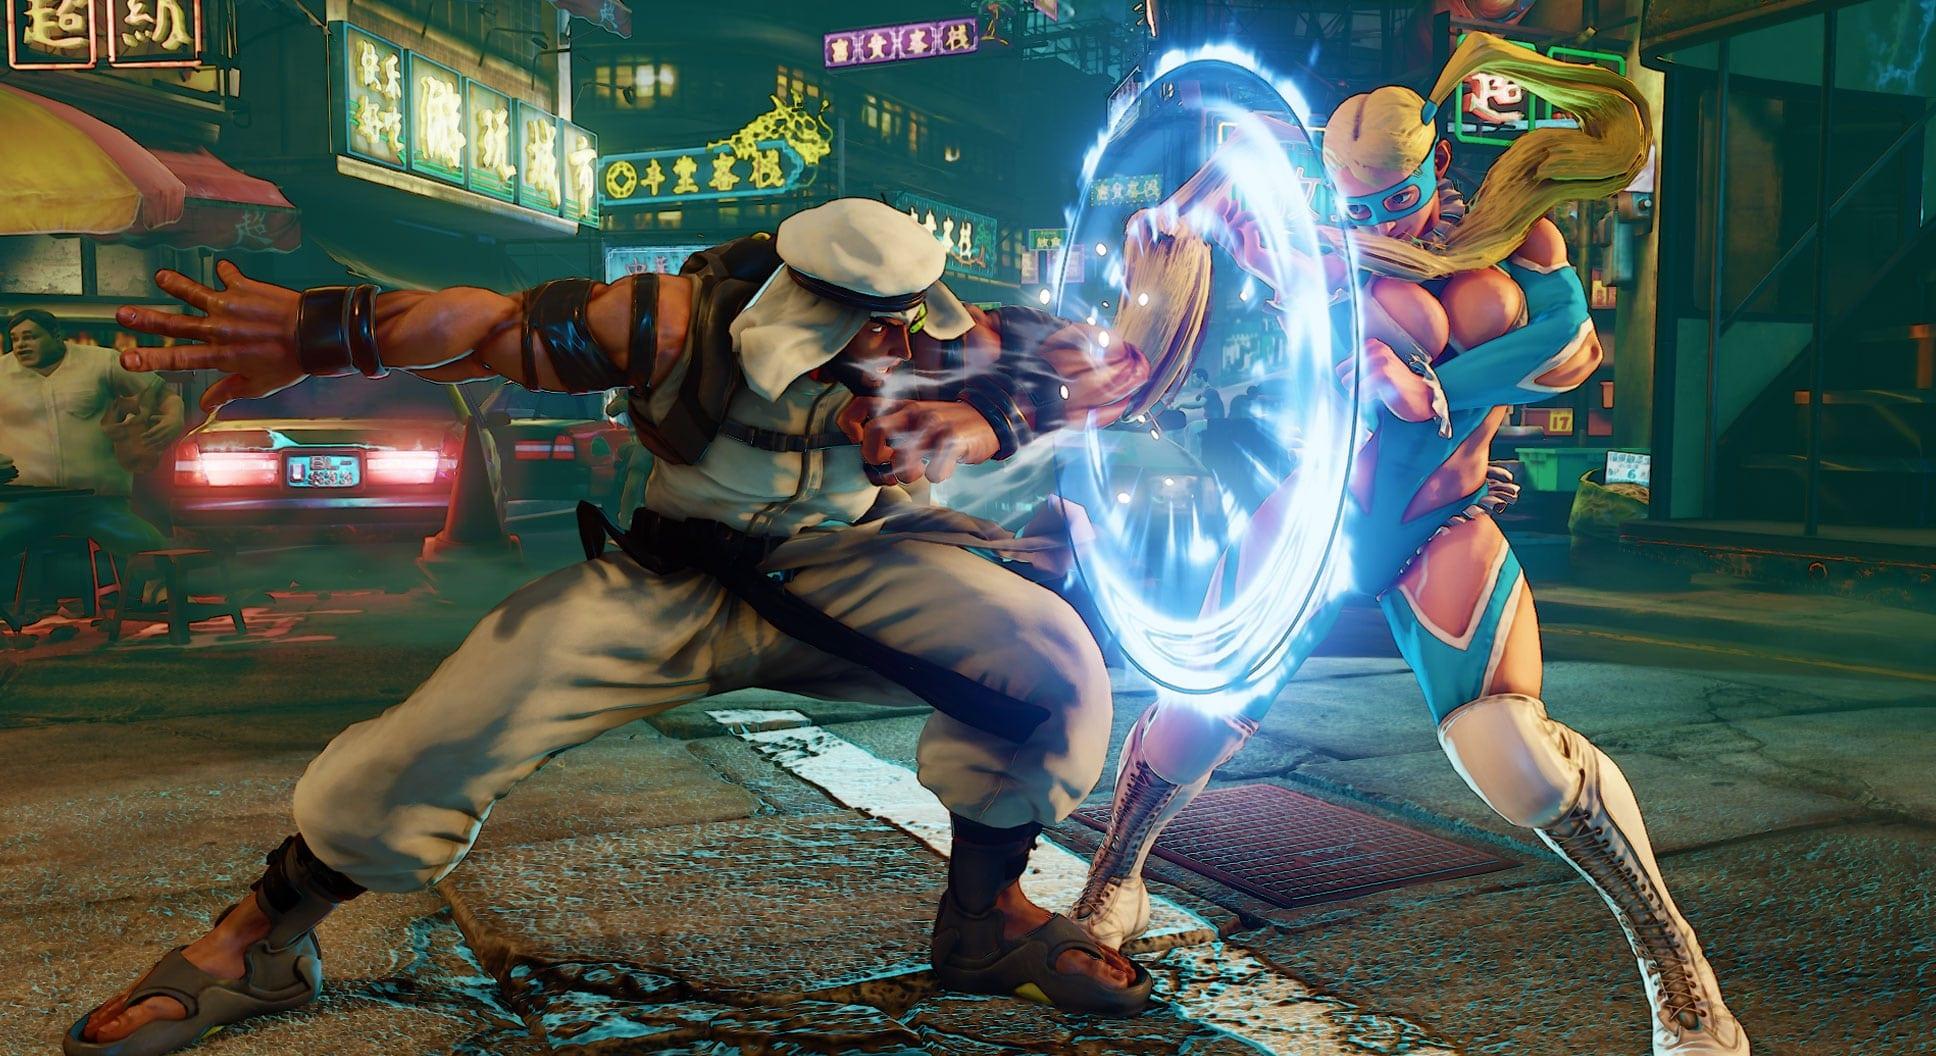 NVIDIA lansează driverul game-ready pentru Street Fighter V